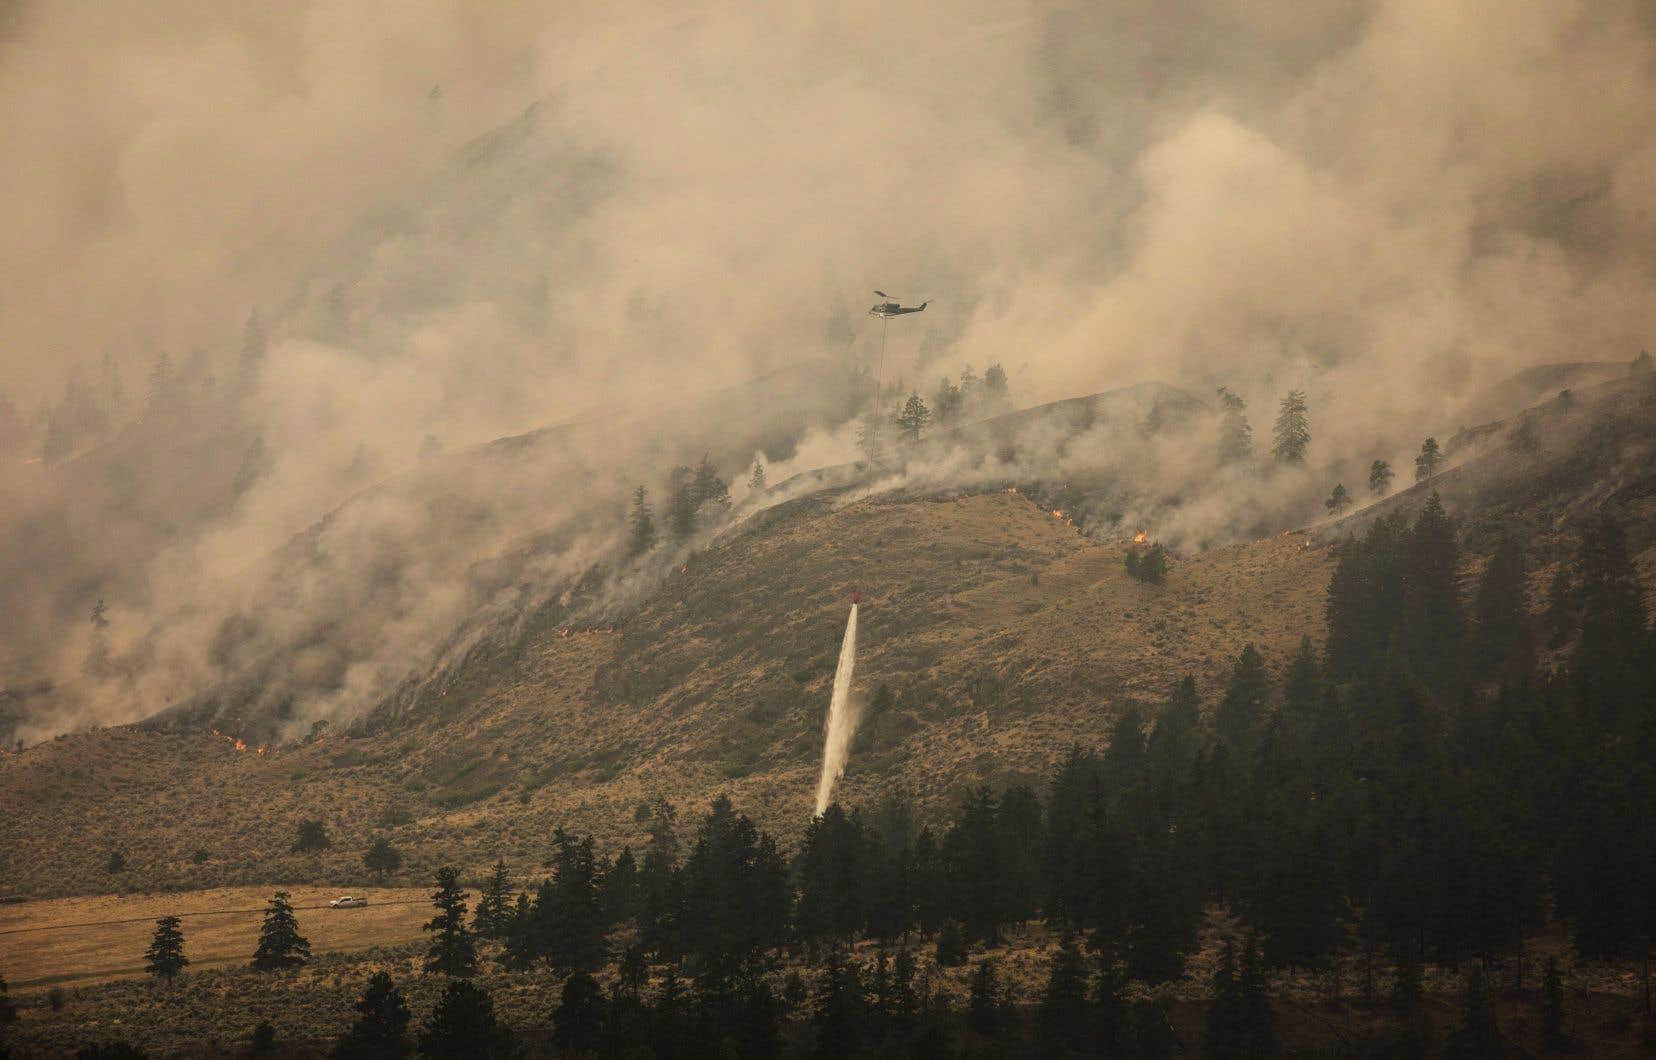 Le nombre record d'incendies de forêt en Colombie-Britanniquea eu d'importantes conséquences sur les Canadiens, selon Environnement et Changement climatique Canada.